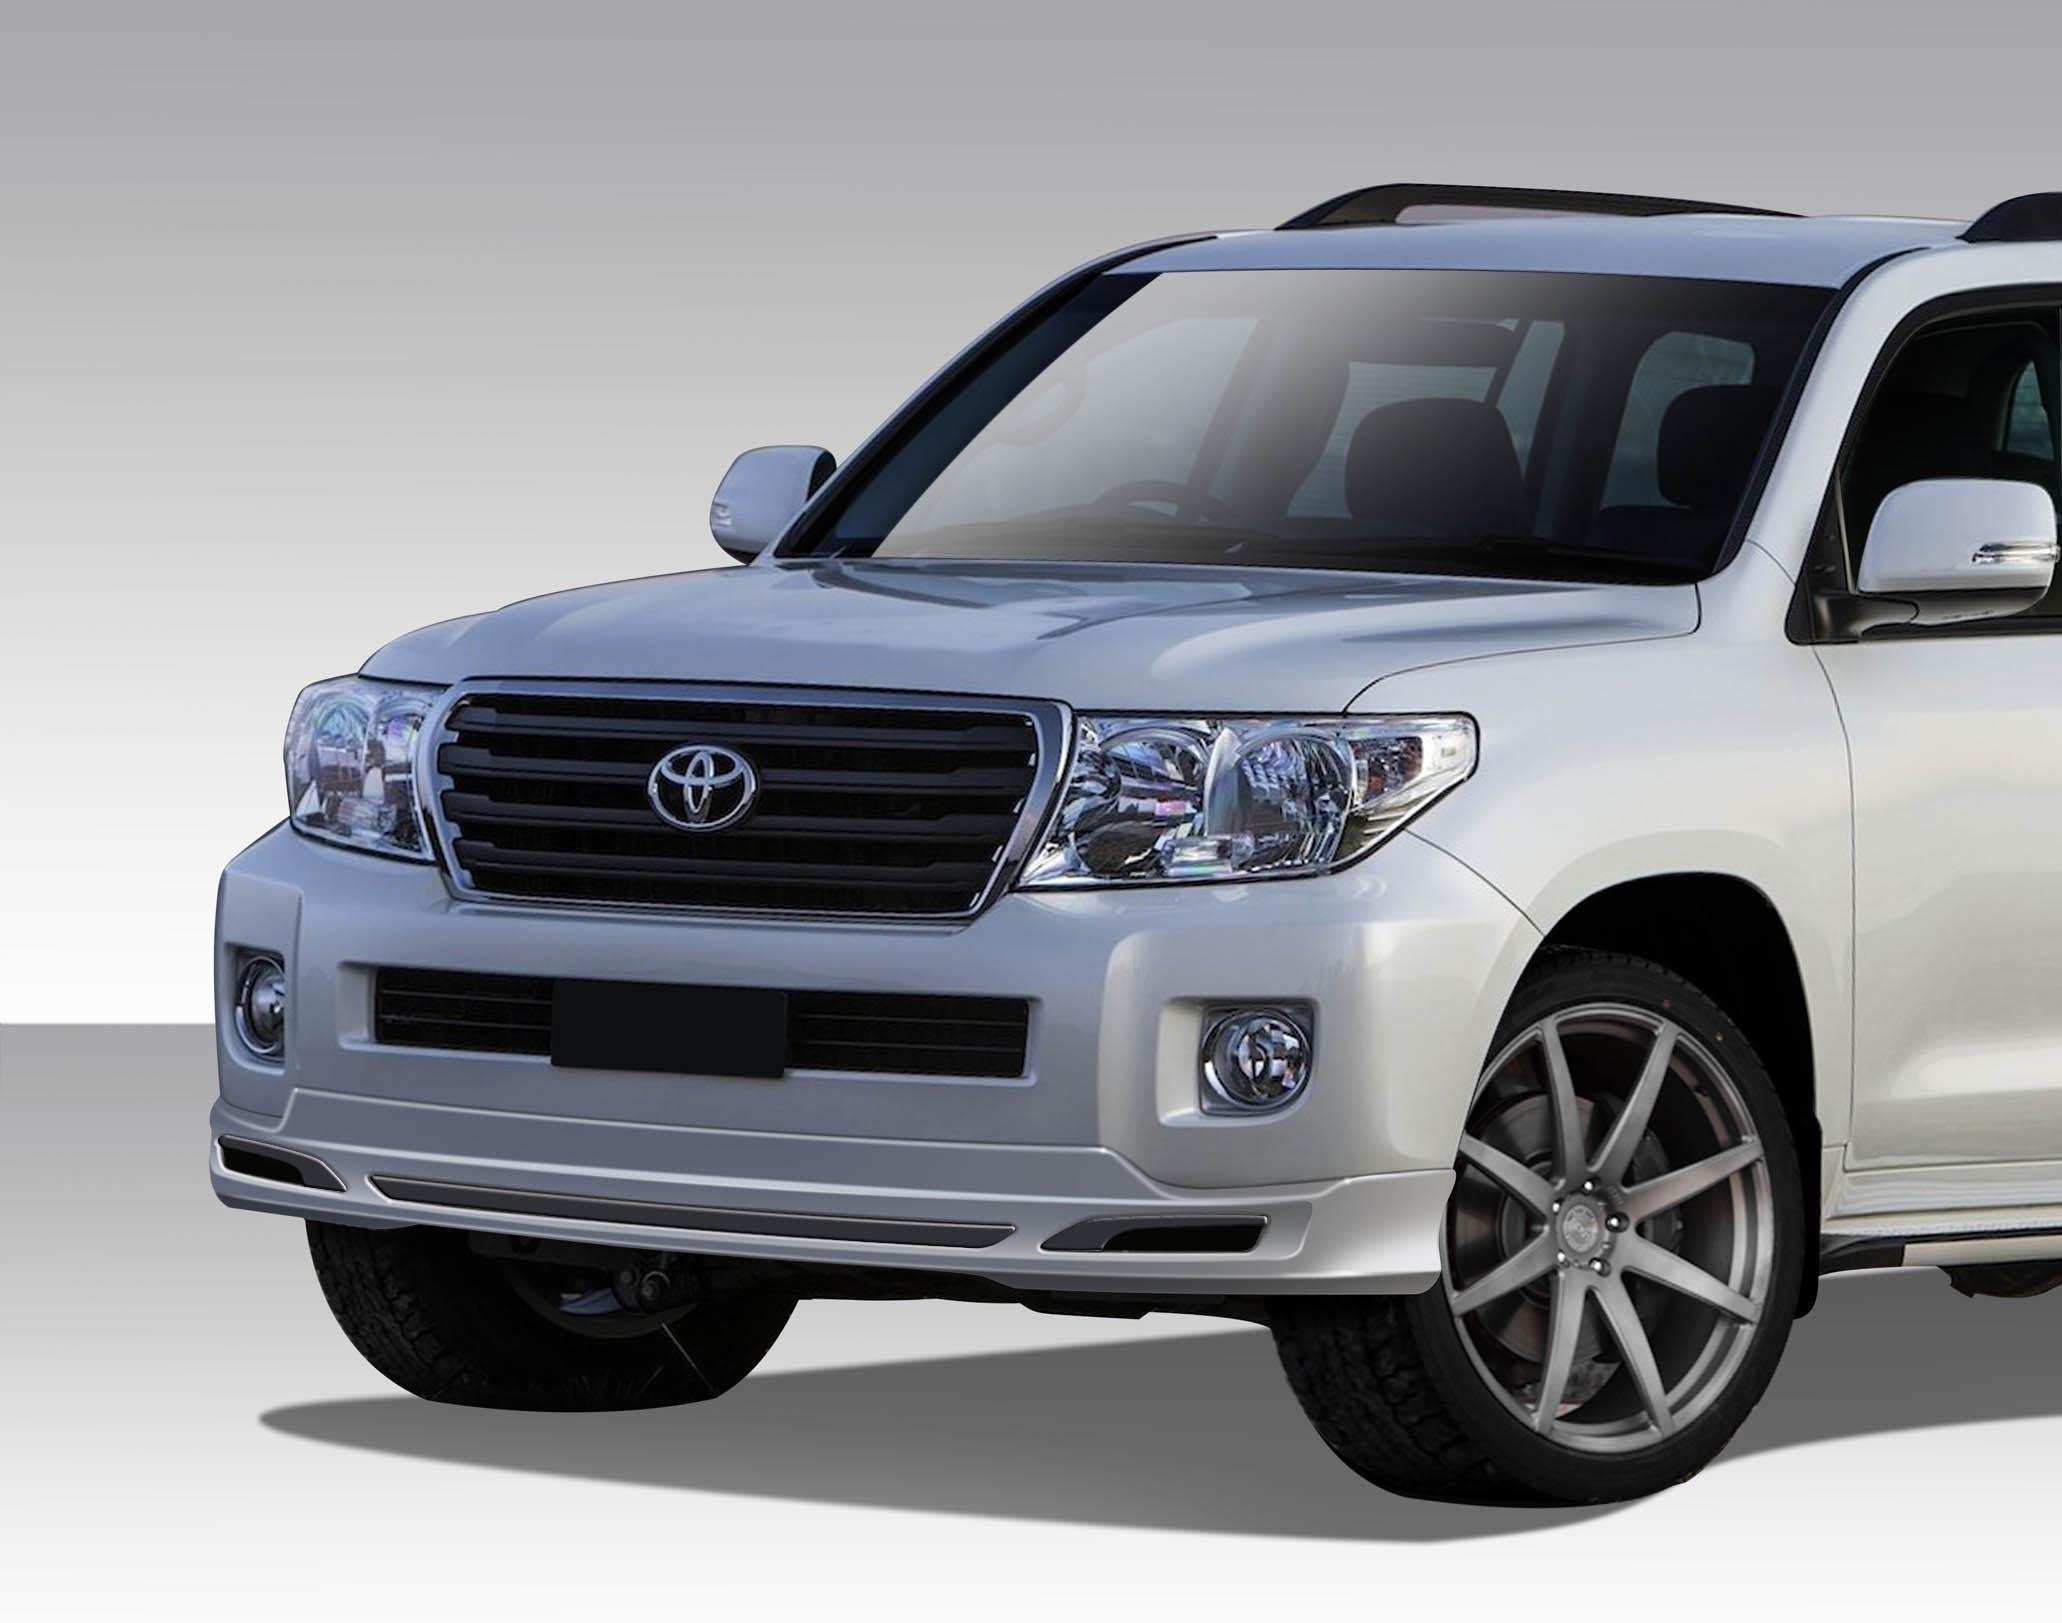 2013 2015 Toyota Land Cruiser Duraflex J Sport Front Lip Under Air